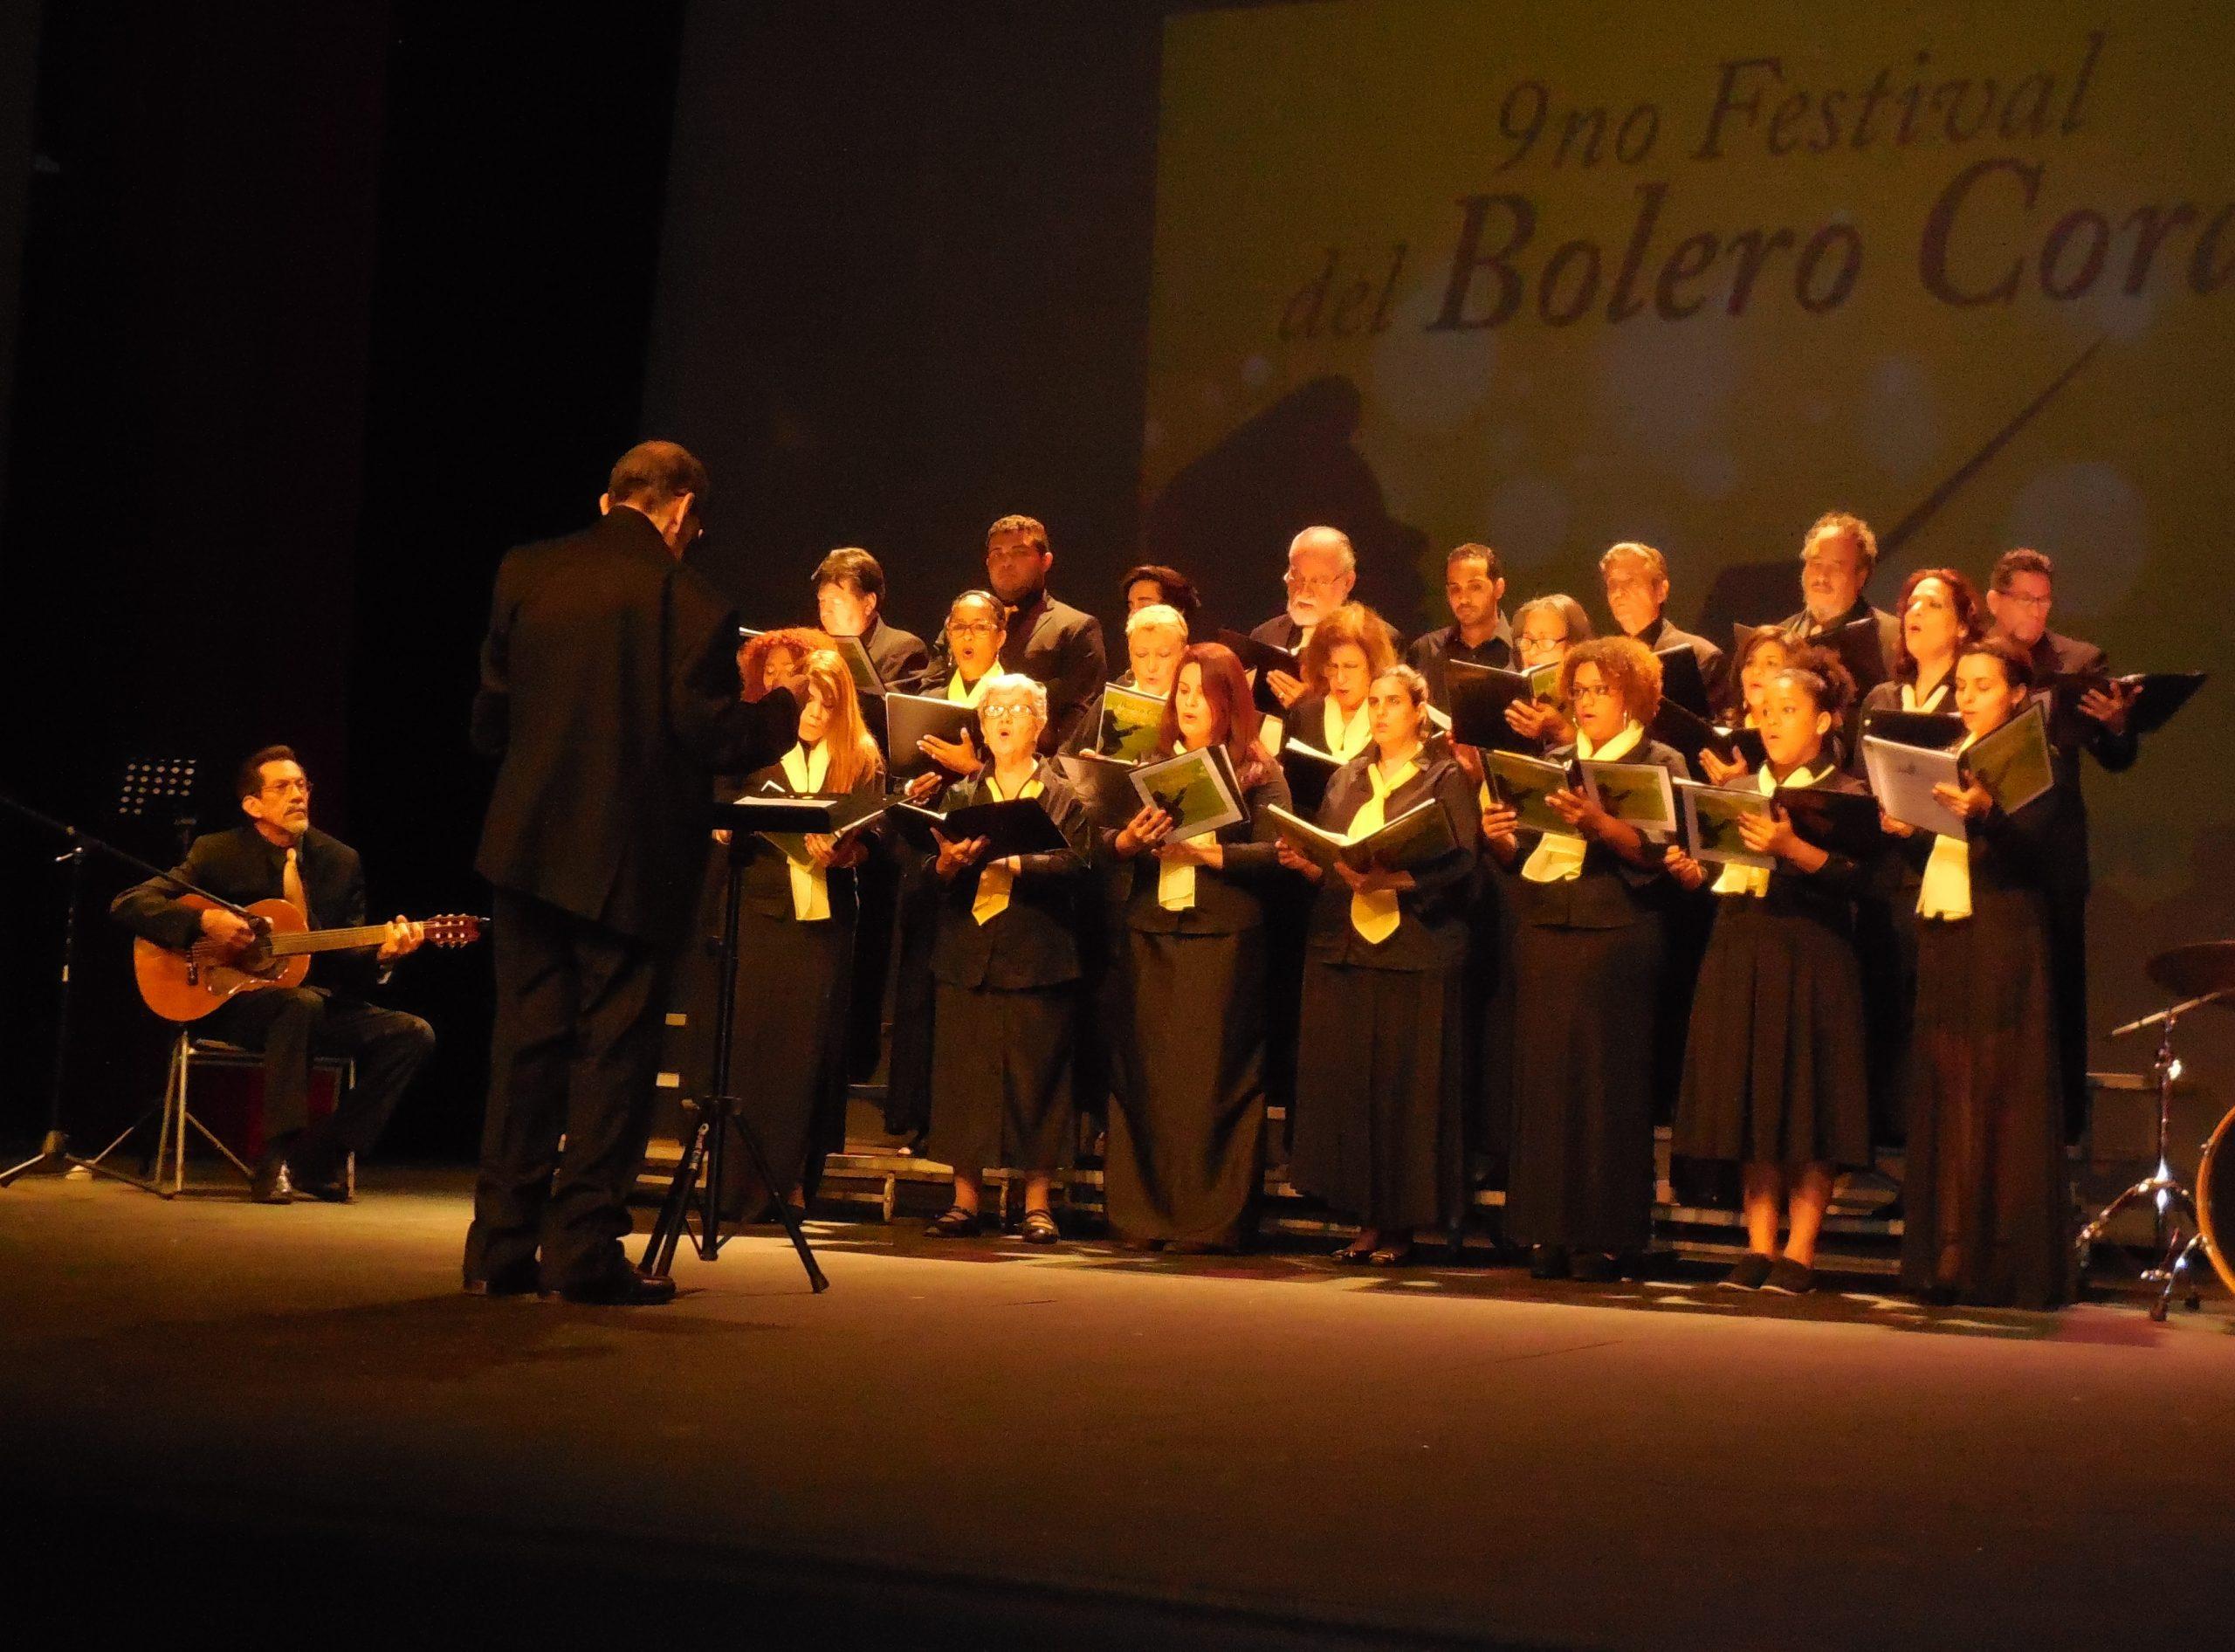 El Coro Interamericana Metro, fundado en 1961, fue dirigido por el maestro Luis Olivieri. (Foto Gabriela Ortiz para Fundación Nacional para la Cultura Popular)